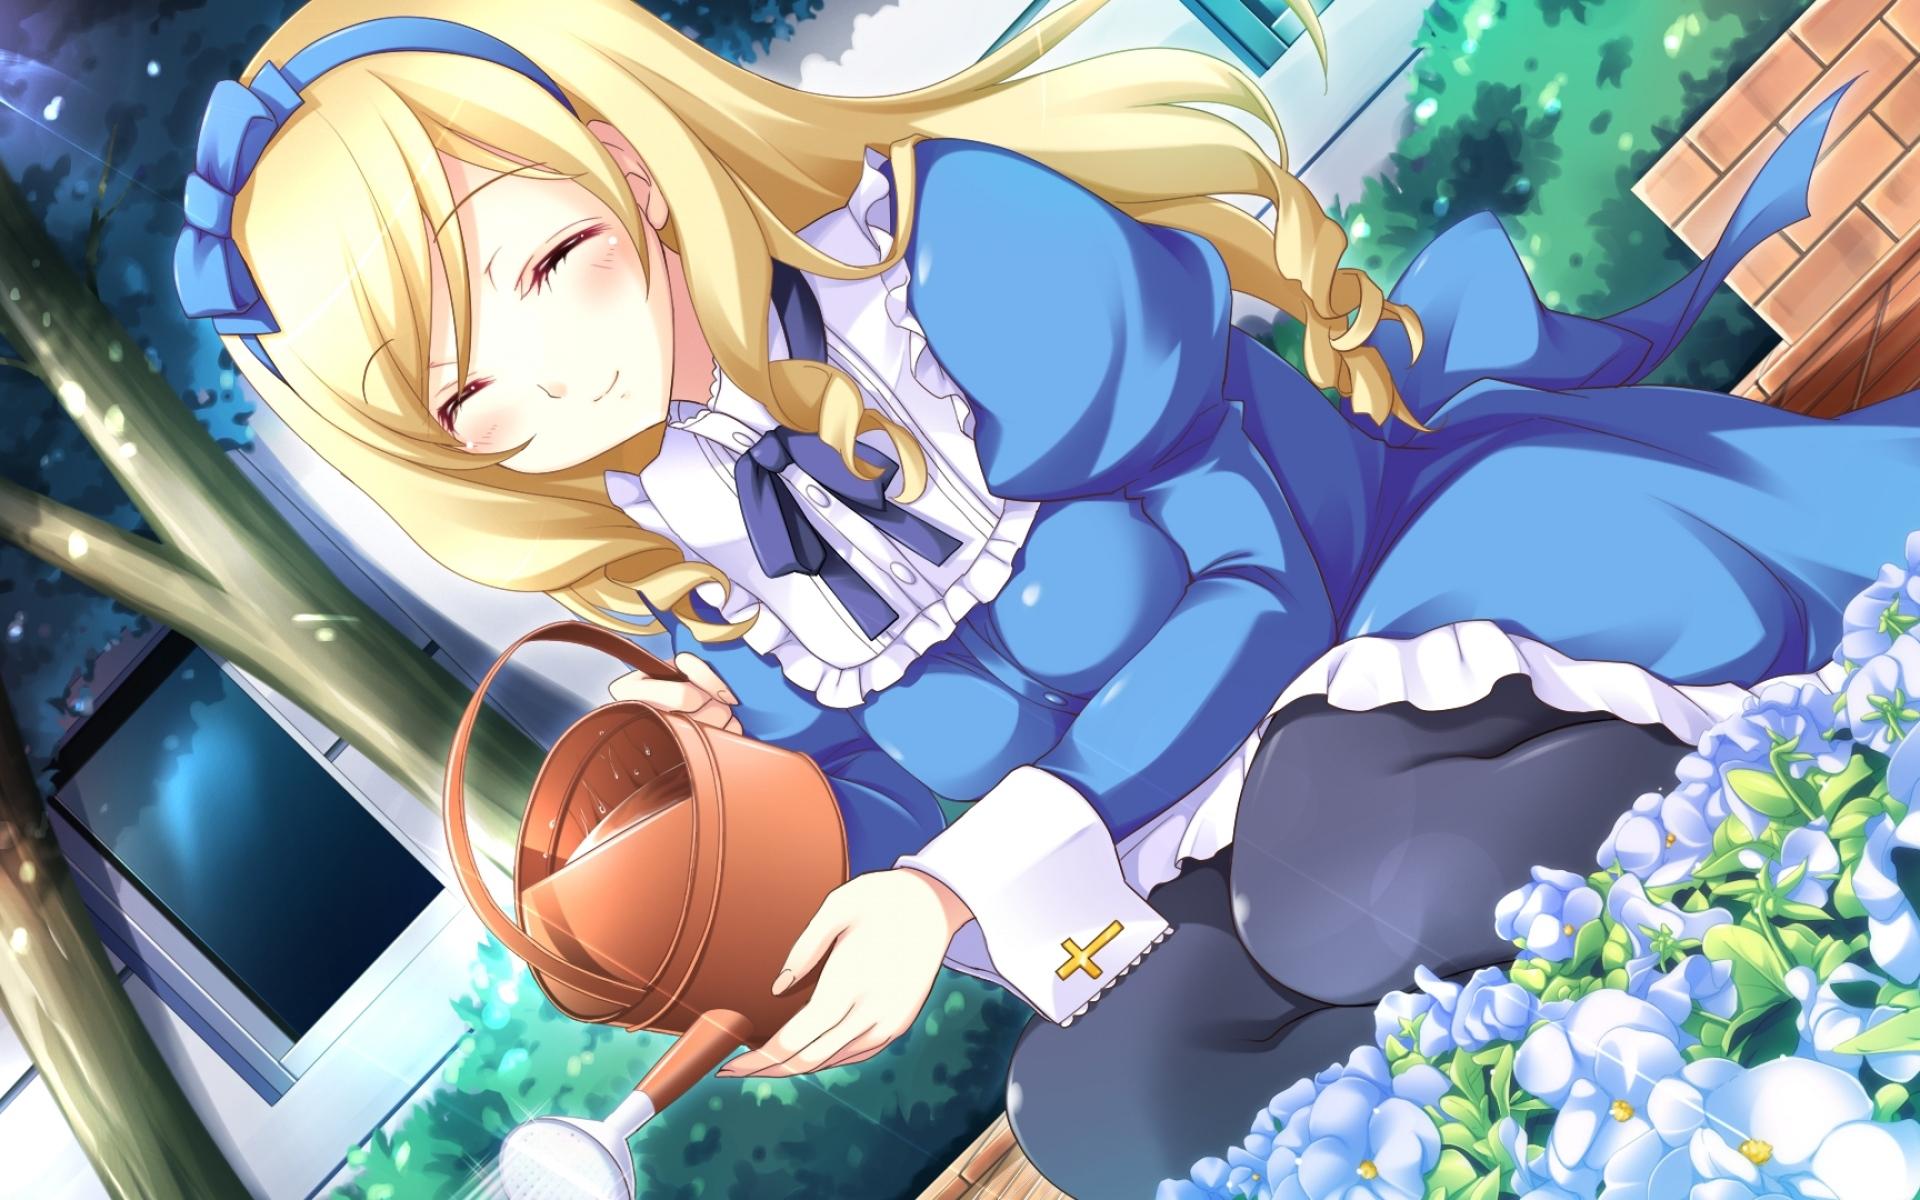 Картинки Гипер высокоскоростной гений, девушка сакуры, девушка, блондинка, клумба, цветы фото и обои на рабочий стол